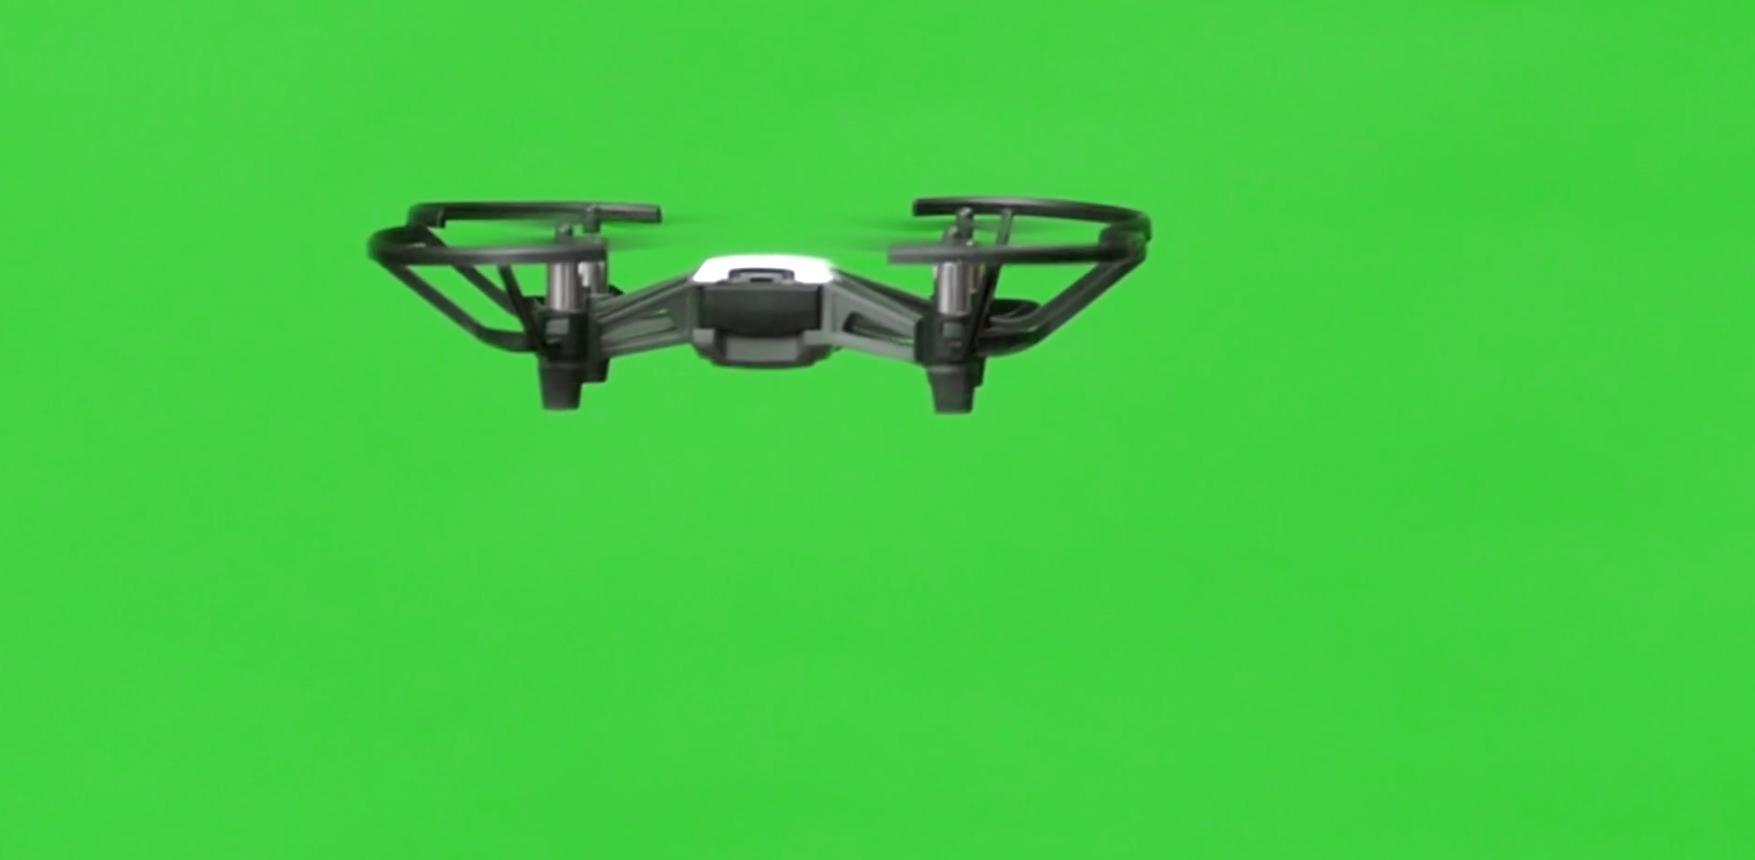 绿幕下飞行的无人机